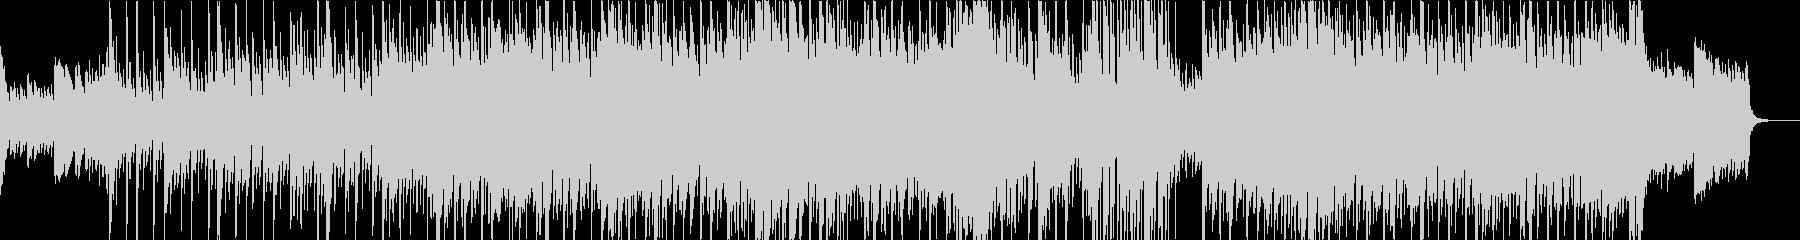 ピアノとシンセが印象的なエレクトロニカの未再生の波形